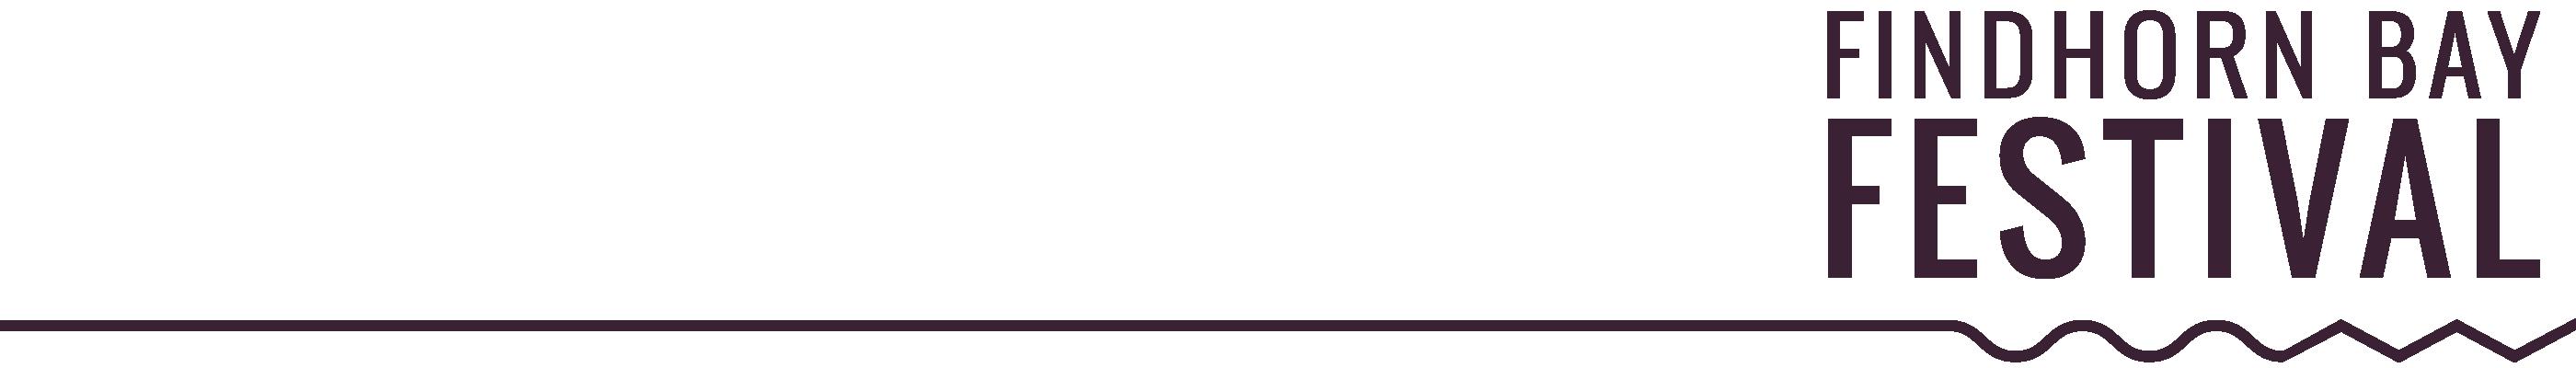 Findhorn Bay Festival Logo